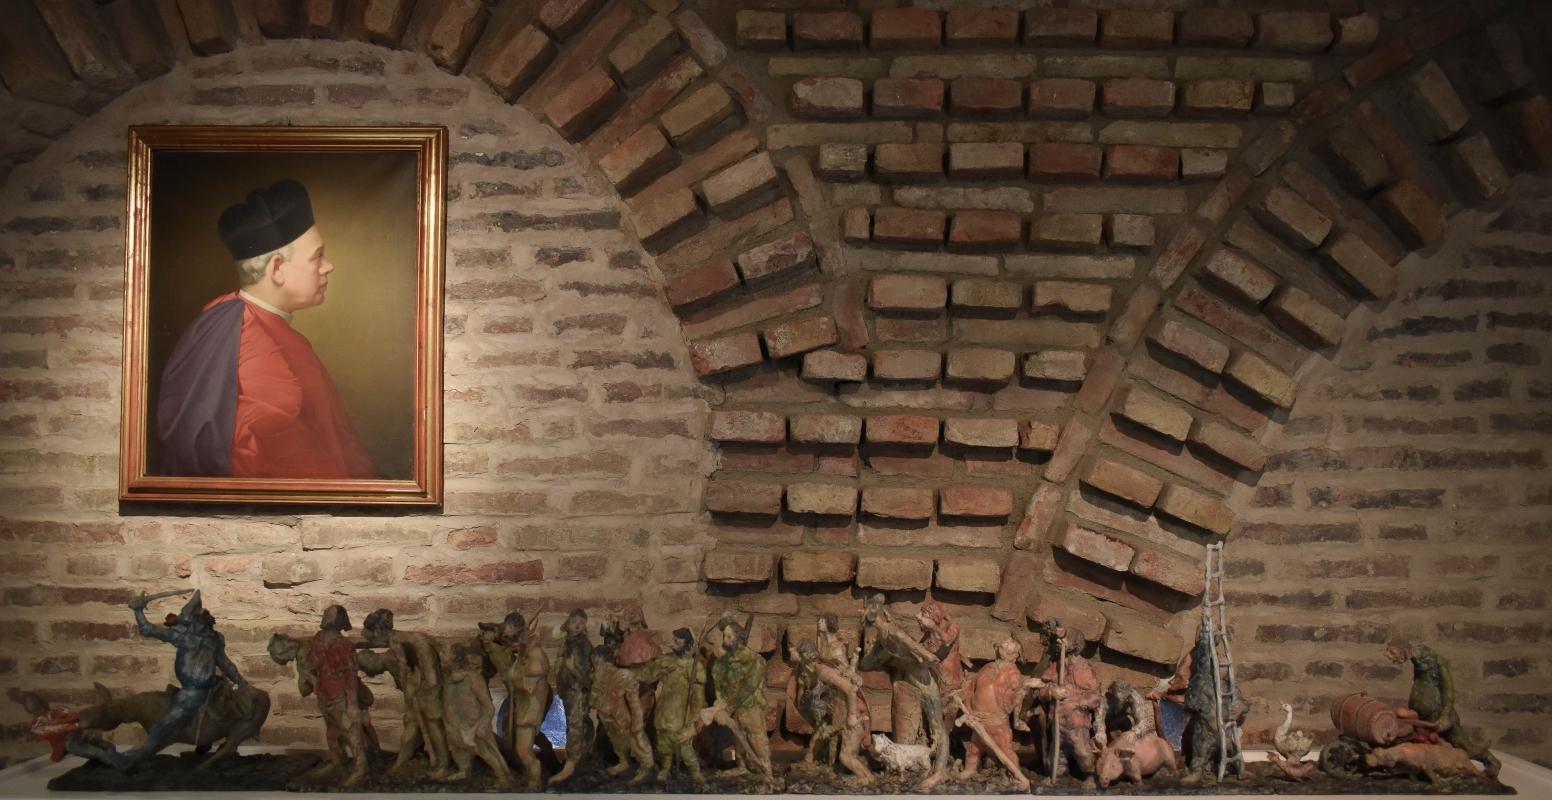 Mauro Mazzali, I Pivis a Massumadegh - Museo delle Storie di Pieve - Nicola Quirico - Pieve di Cento (BO)